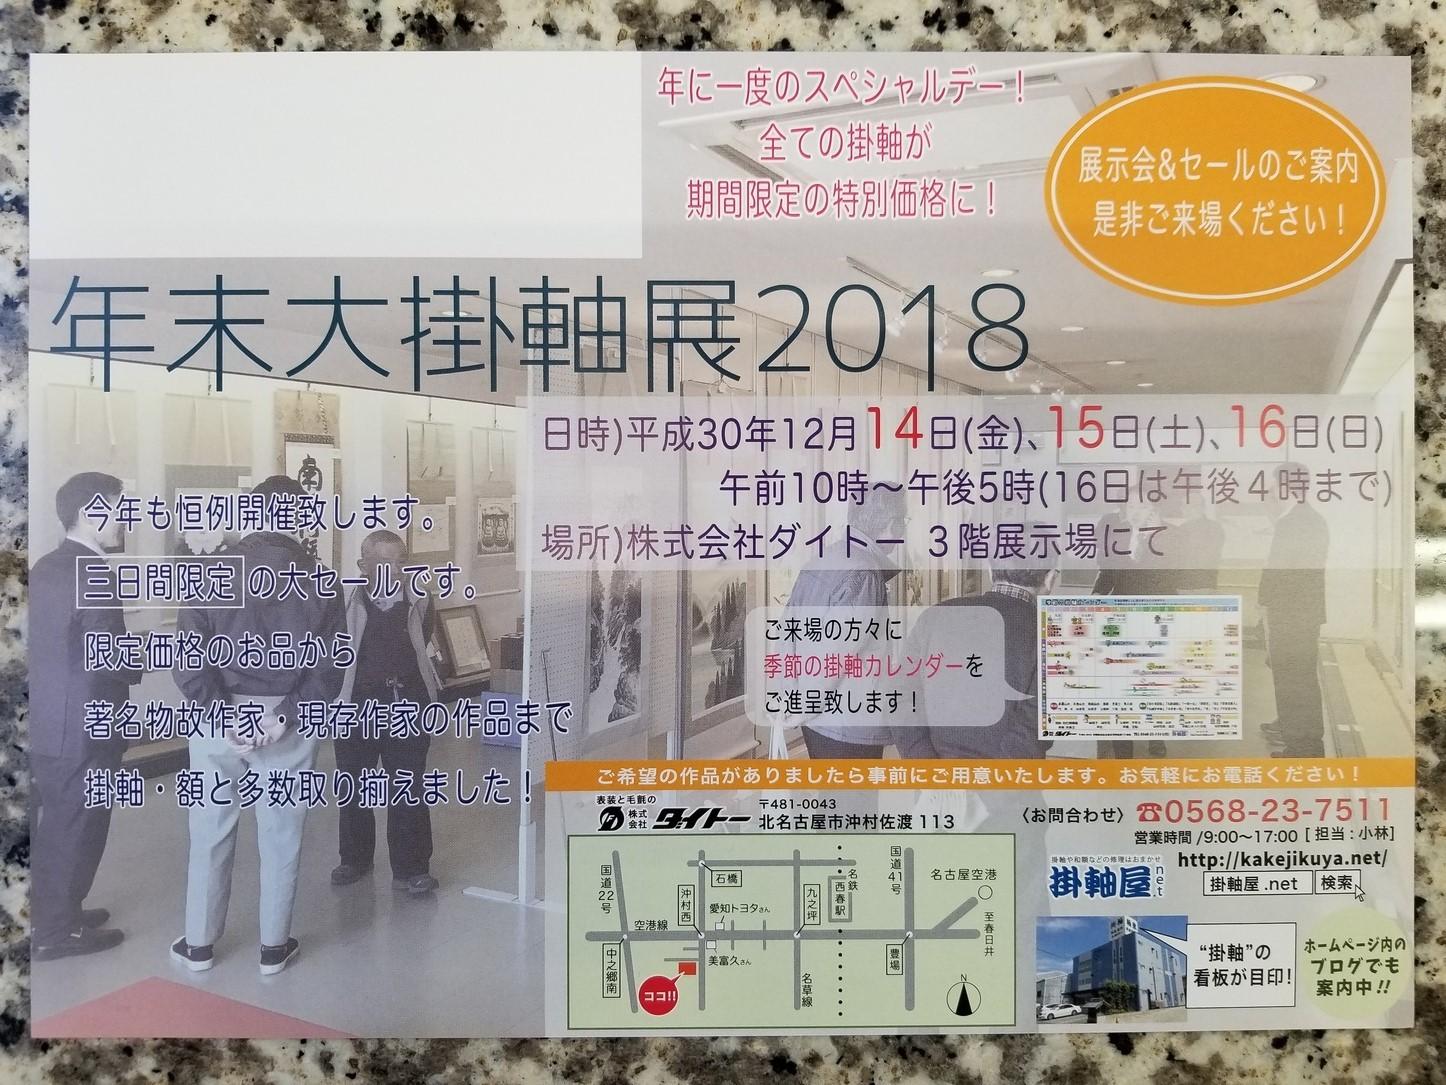 2018掛軸展 チラシ表 20181205_153644